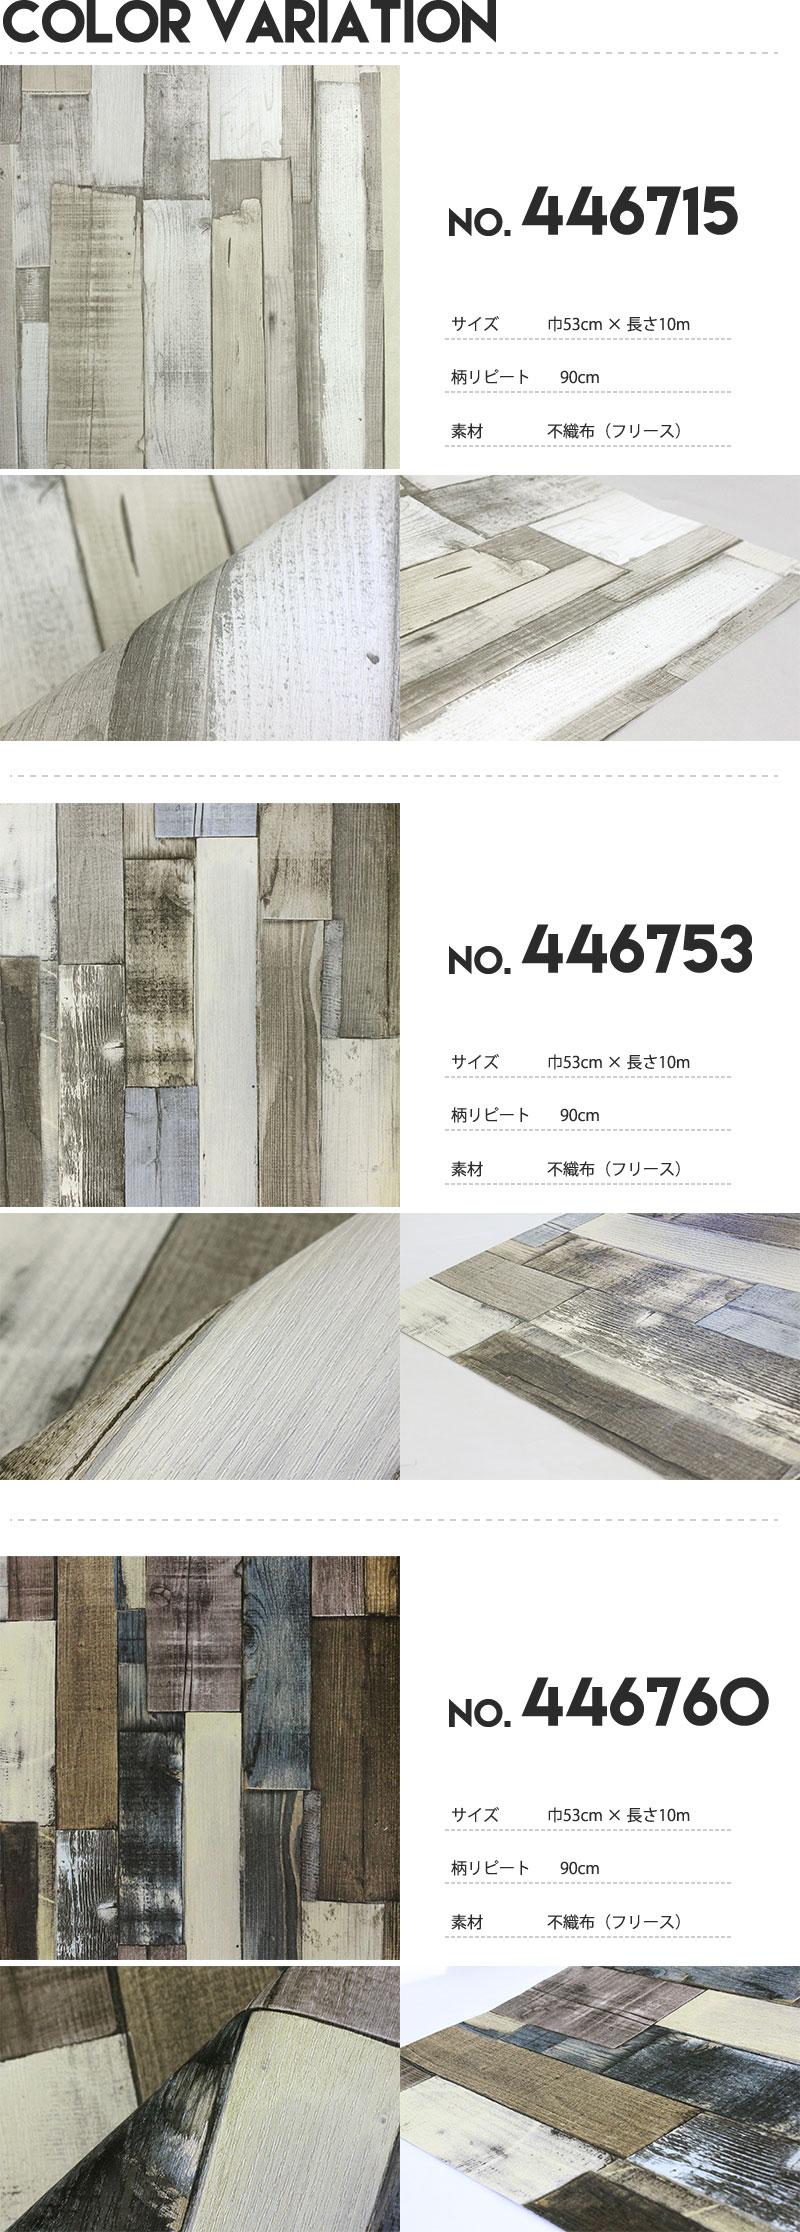 无纺壁纸罗旭进口壁纸贴 (高峰) 羊毛壁纸木木材咖啡馆镶板废木材老式古董卖重要切的壁纸 DIY 壁纸布壁纸剥离剥离掉皮